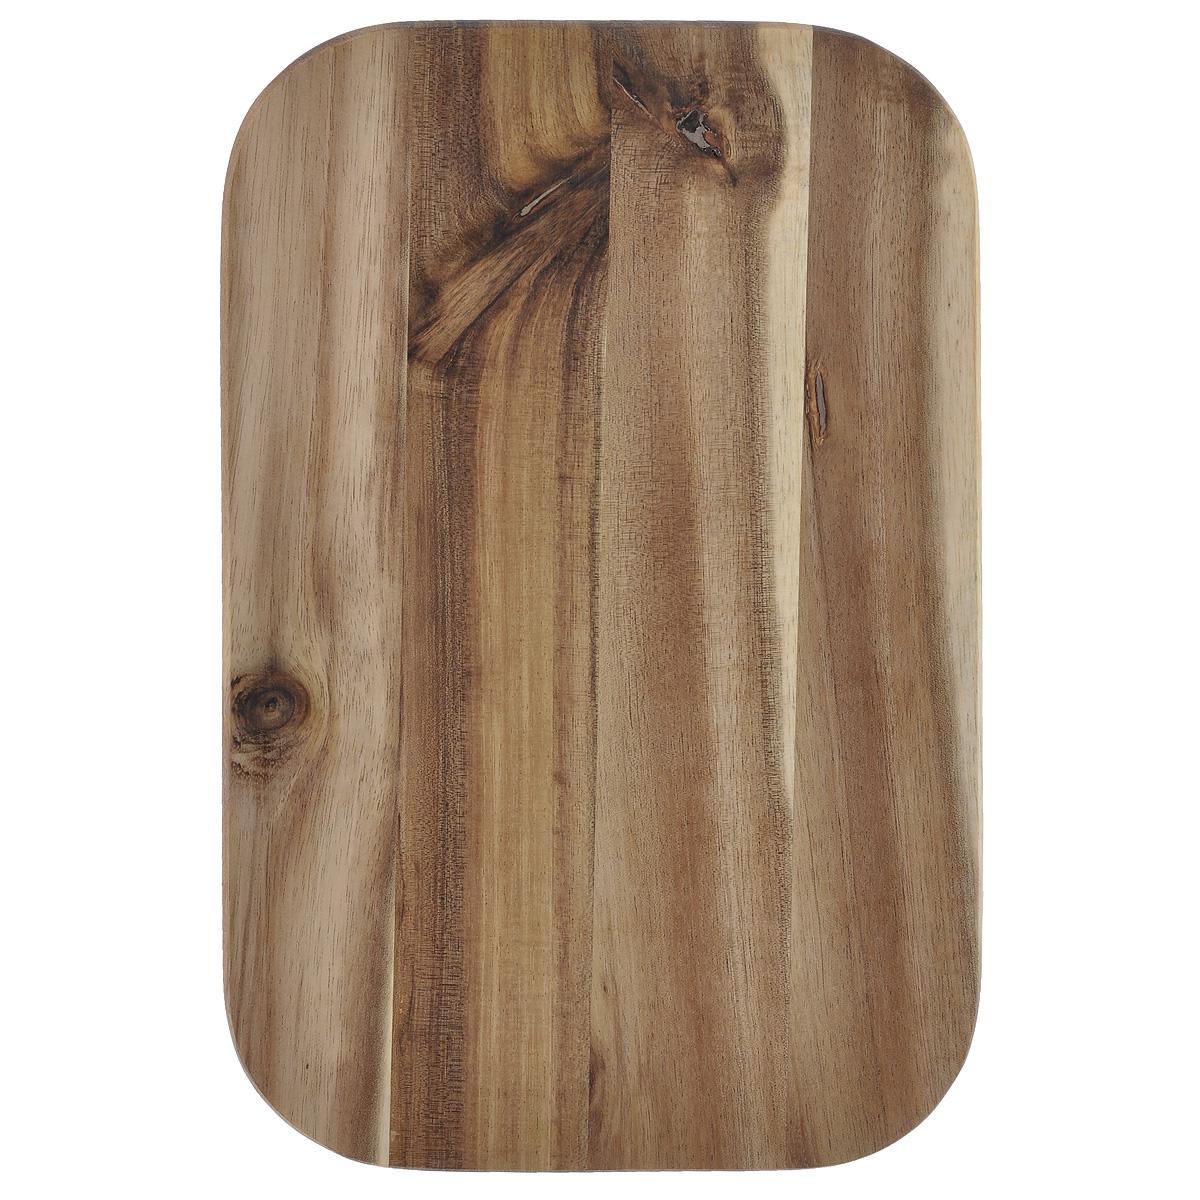 Доска разделочная Kesper, 23 см х 15 см. 2340-02340-0Разделочная доска Kesper изготовлена из натурального дерева акации. Благодаря среднему размеру на ней удобно разделывать различные продукты и она не занимает много места. Функциональная и простая в использовании, разделочная доска Kesper прекрасно впишется в интерьер любой кухни и прослужит вам долгие годы. Для мытья использовать неабразивные моющие средства.